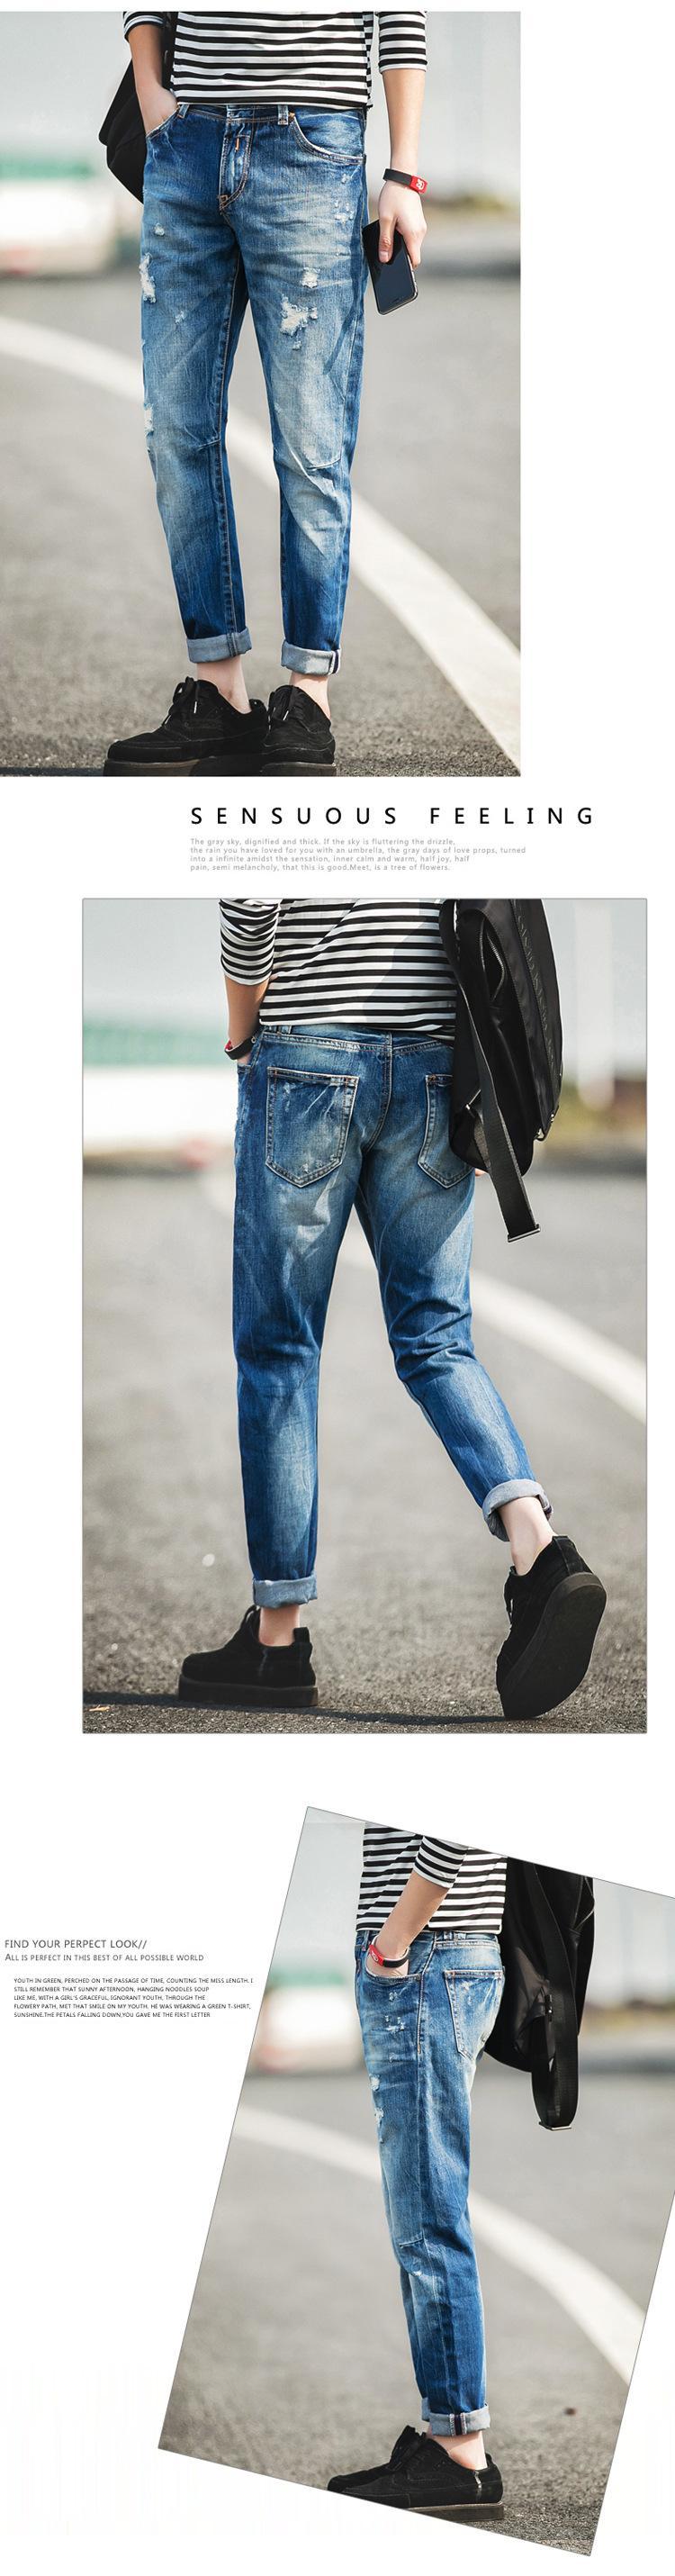 4c3894d6a 2016 El Más Nuevo Diseño De Jeans Para Hombre Famosa Marca Ripped Motorista  Hombres Pantalones Vaqueros del Resorte Pantalones Muchacho de La Manera ...